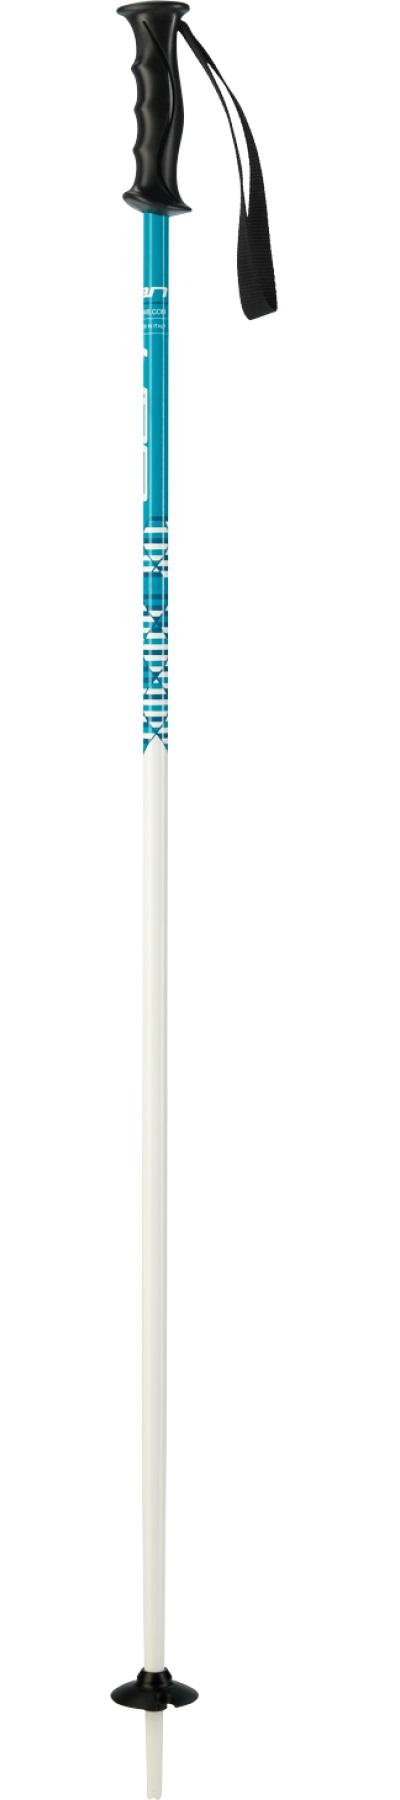 Горнолыжные палки Elan 2017-18 SP HOTrod JR BLUE (см:95)